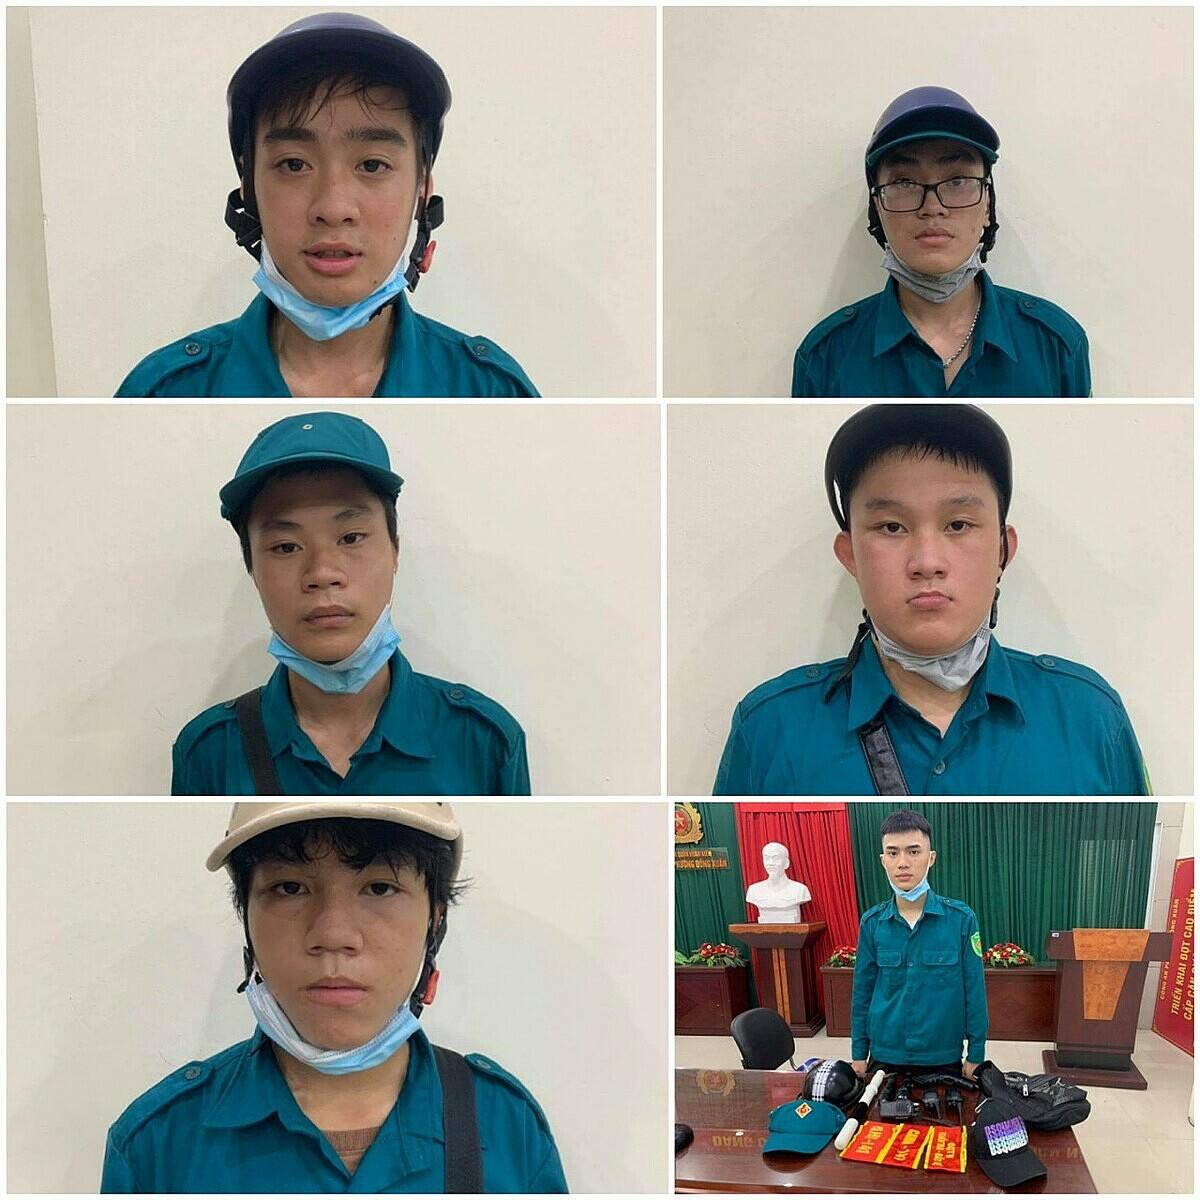 Sáu bị cáo cùng tang vật khi công an quận Hoàn Kiếm bắt giữ. Ảnh: Công an cung cấp